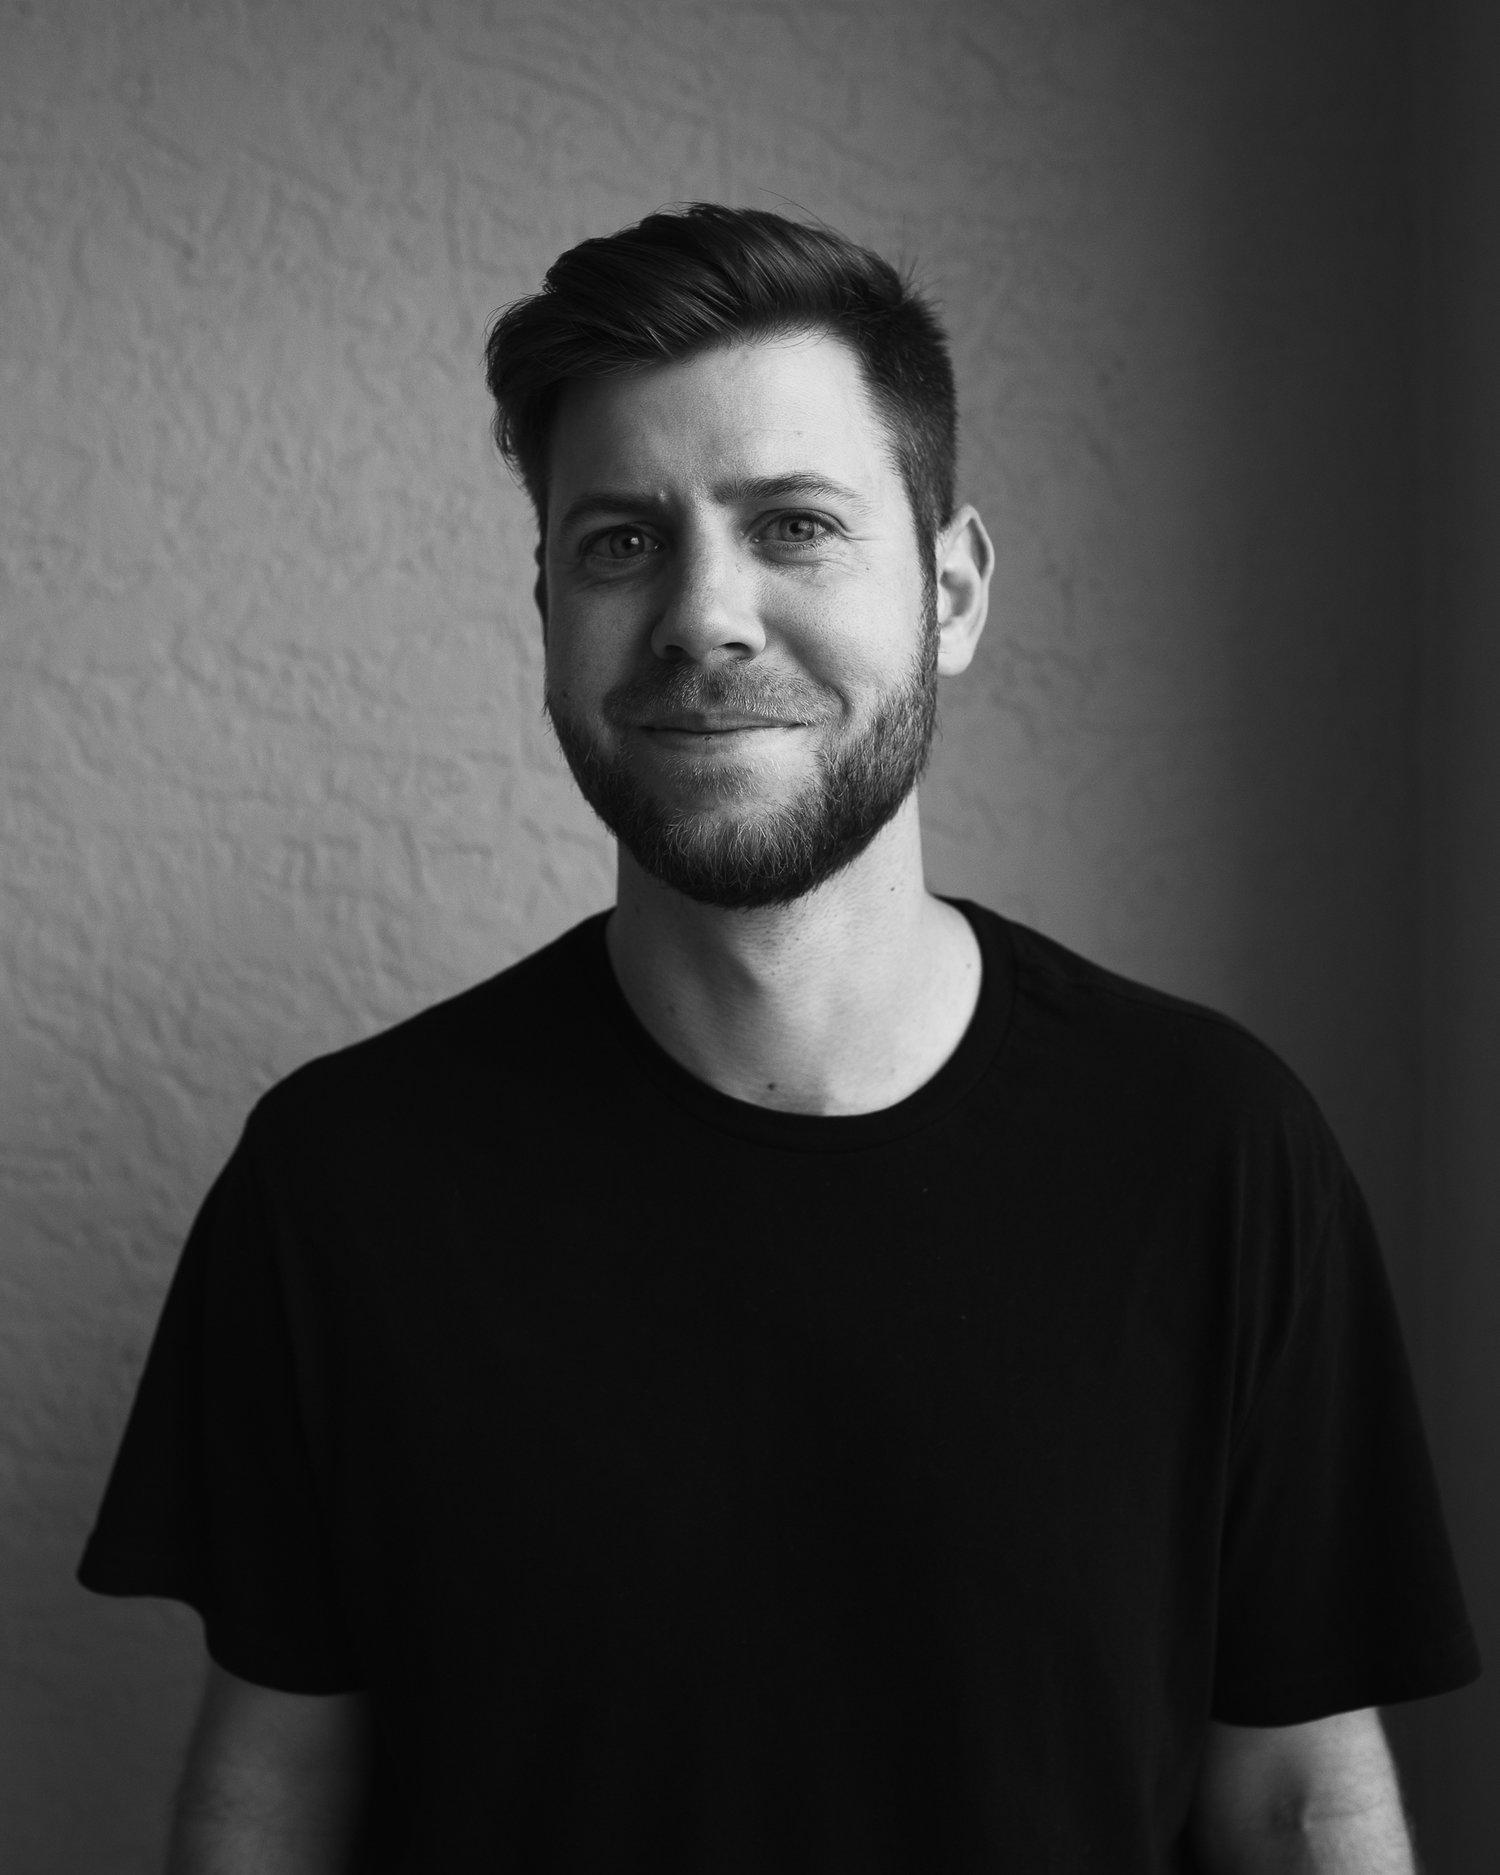 Christian+Spoken+Word+Artist+Written+to+Speak+Tanner+Olson.jpeg